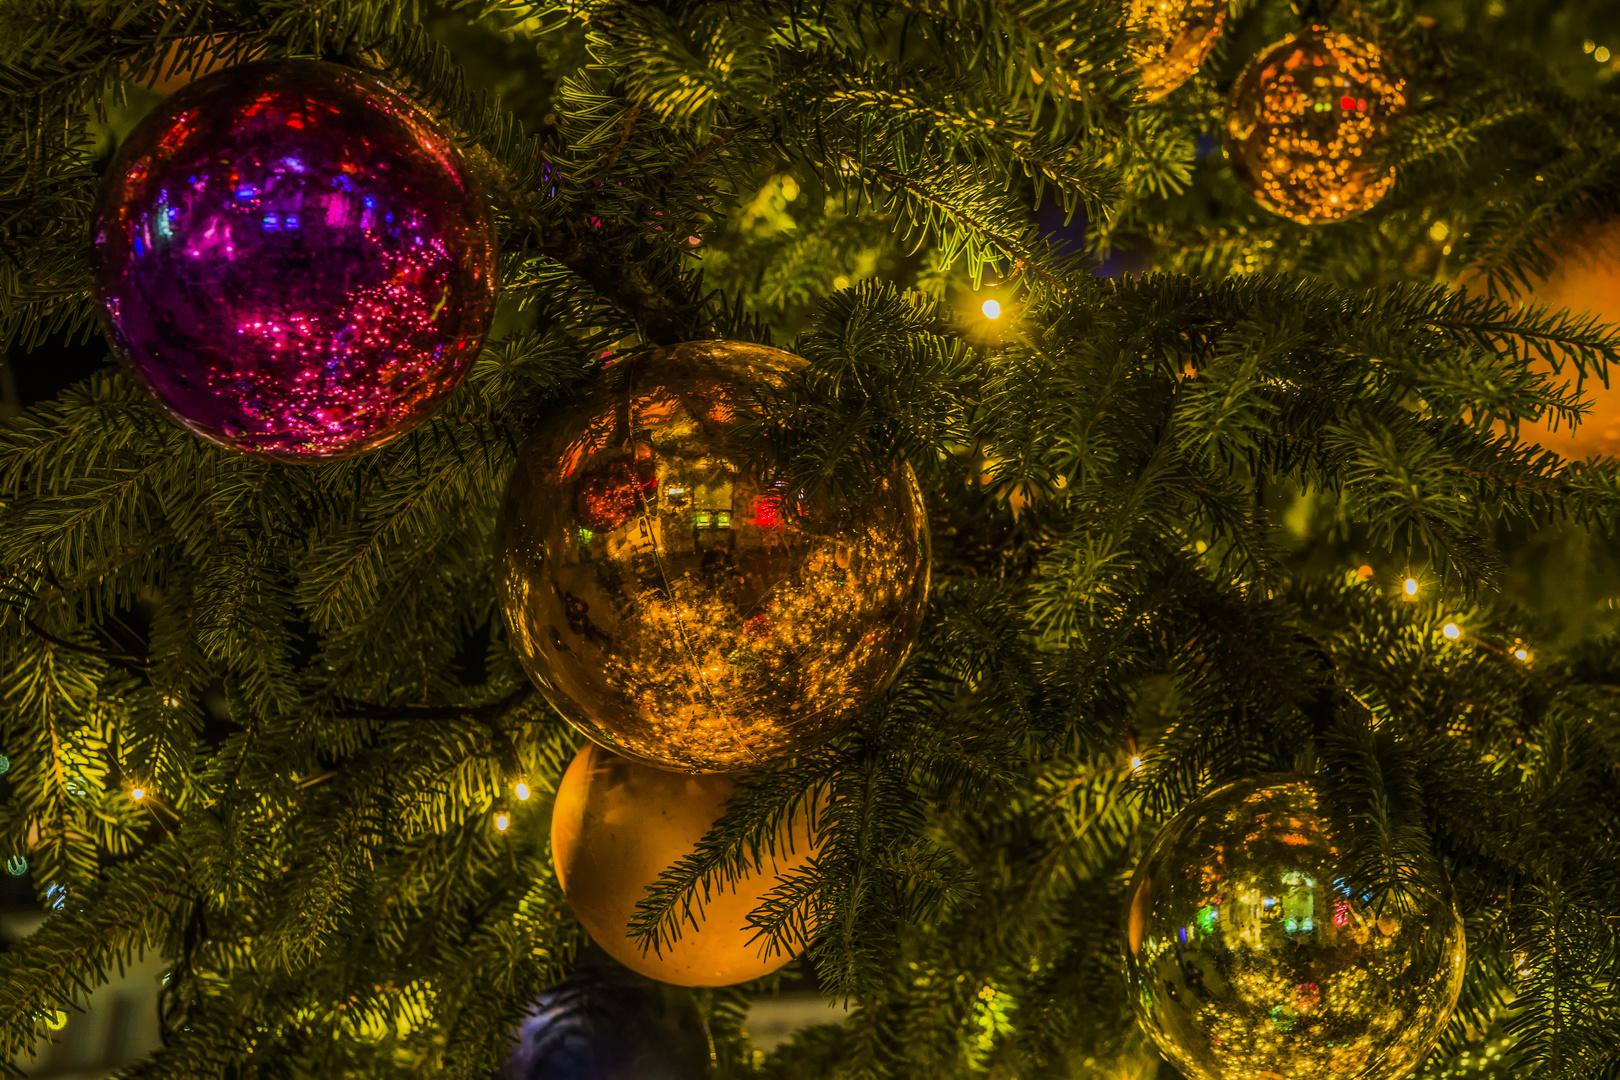 Weihnachtsbaum - Klassisch